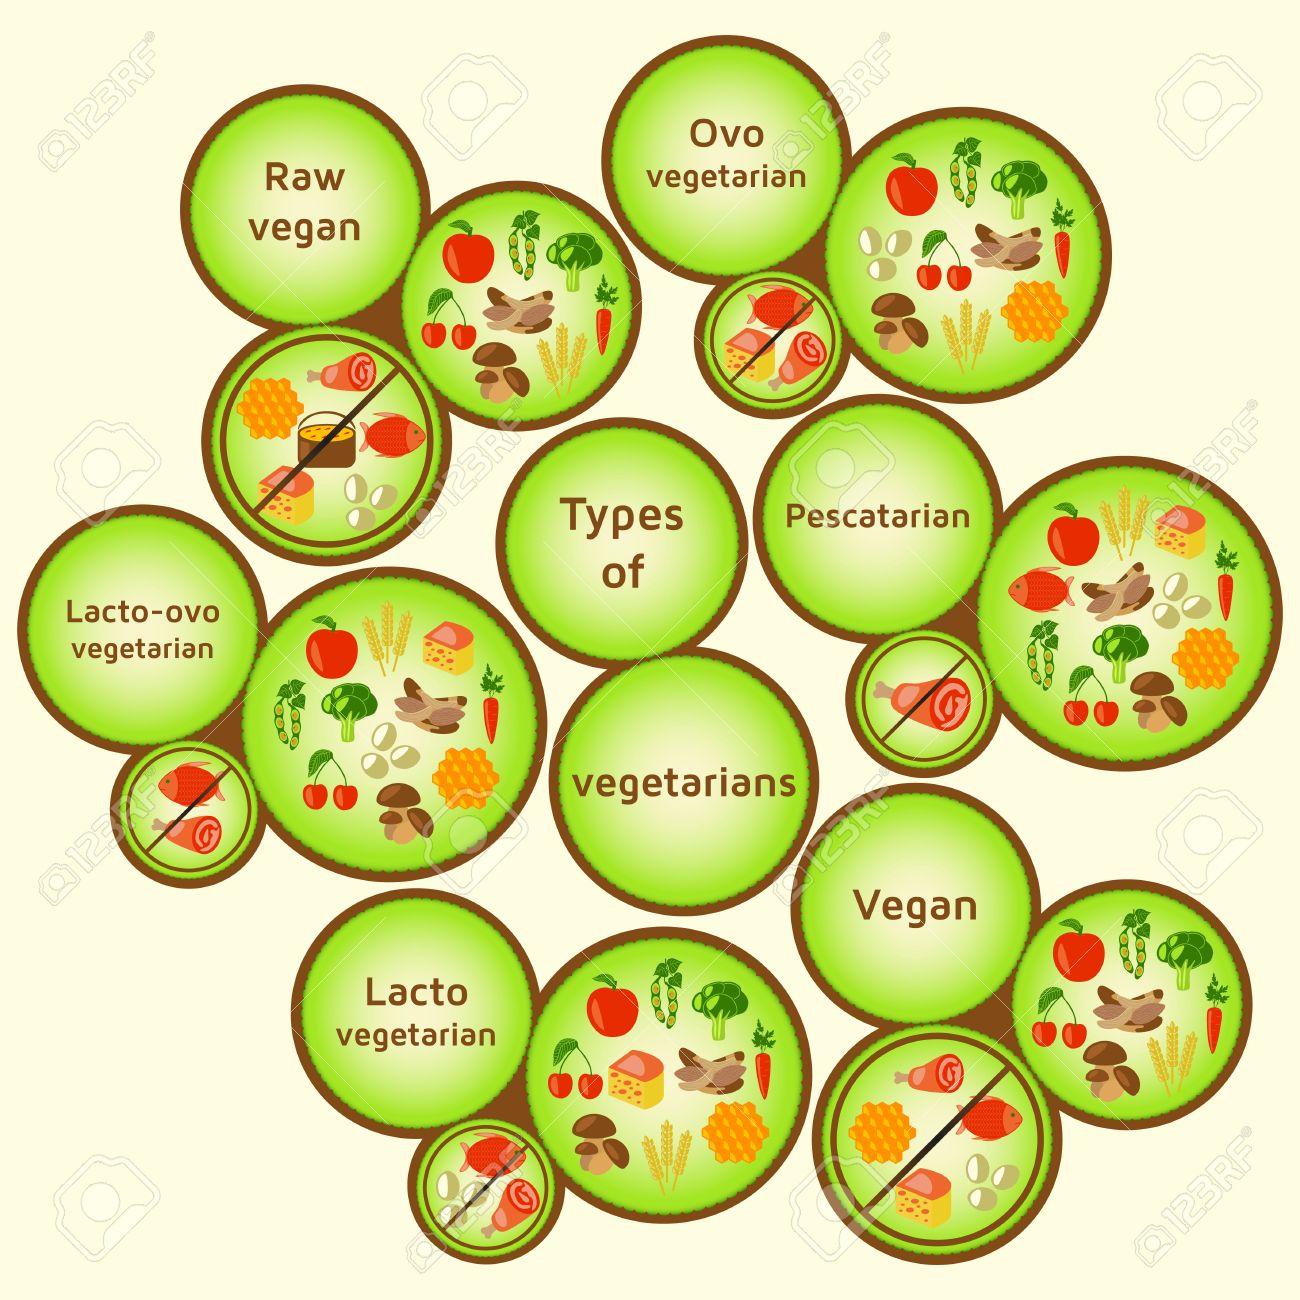 Risultati immagini per vegetariani e latto ovo vegetariani